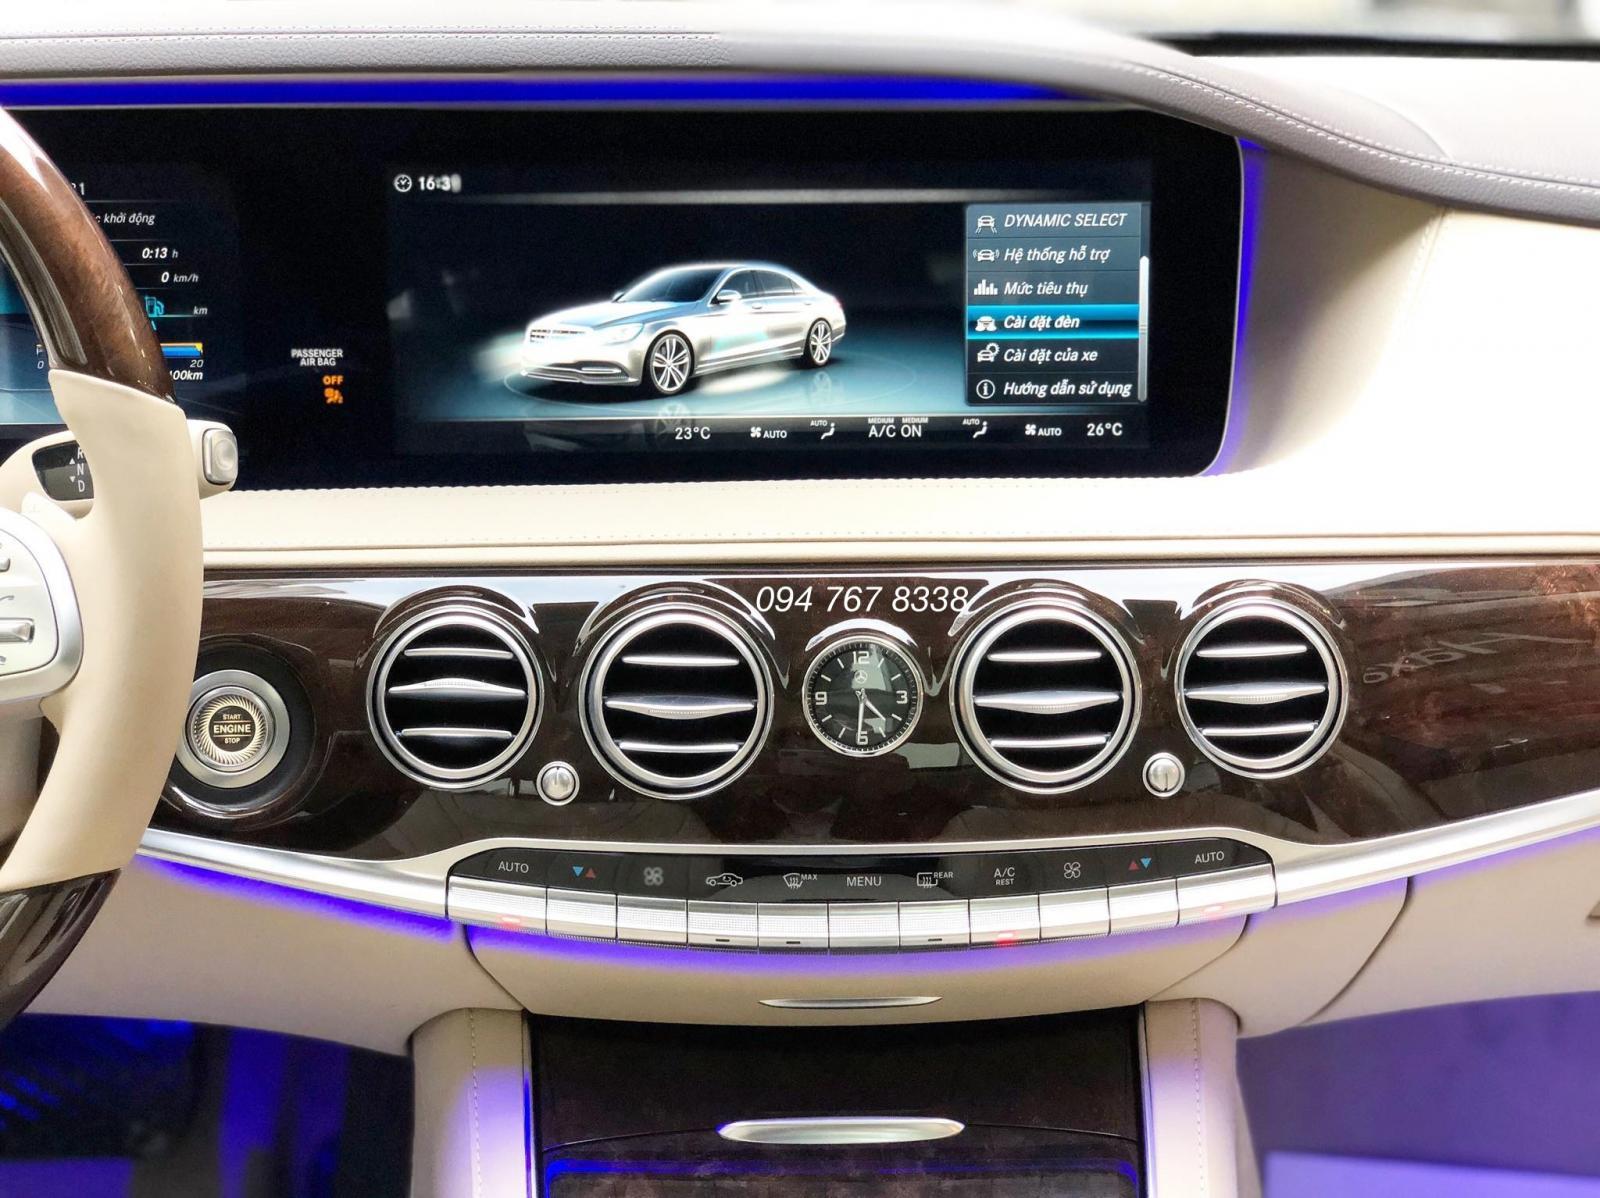 Bán Mercedes S450L 2019 xanh cavansite nt kem chính chủ, chạy lướt, biển đẹp